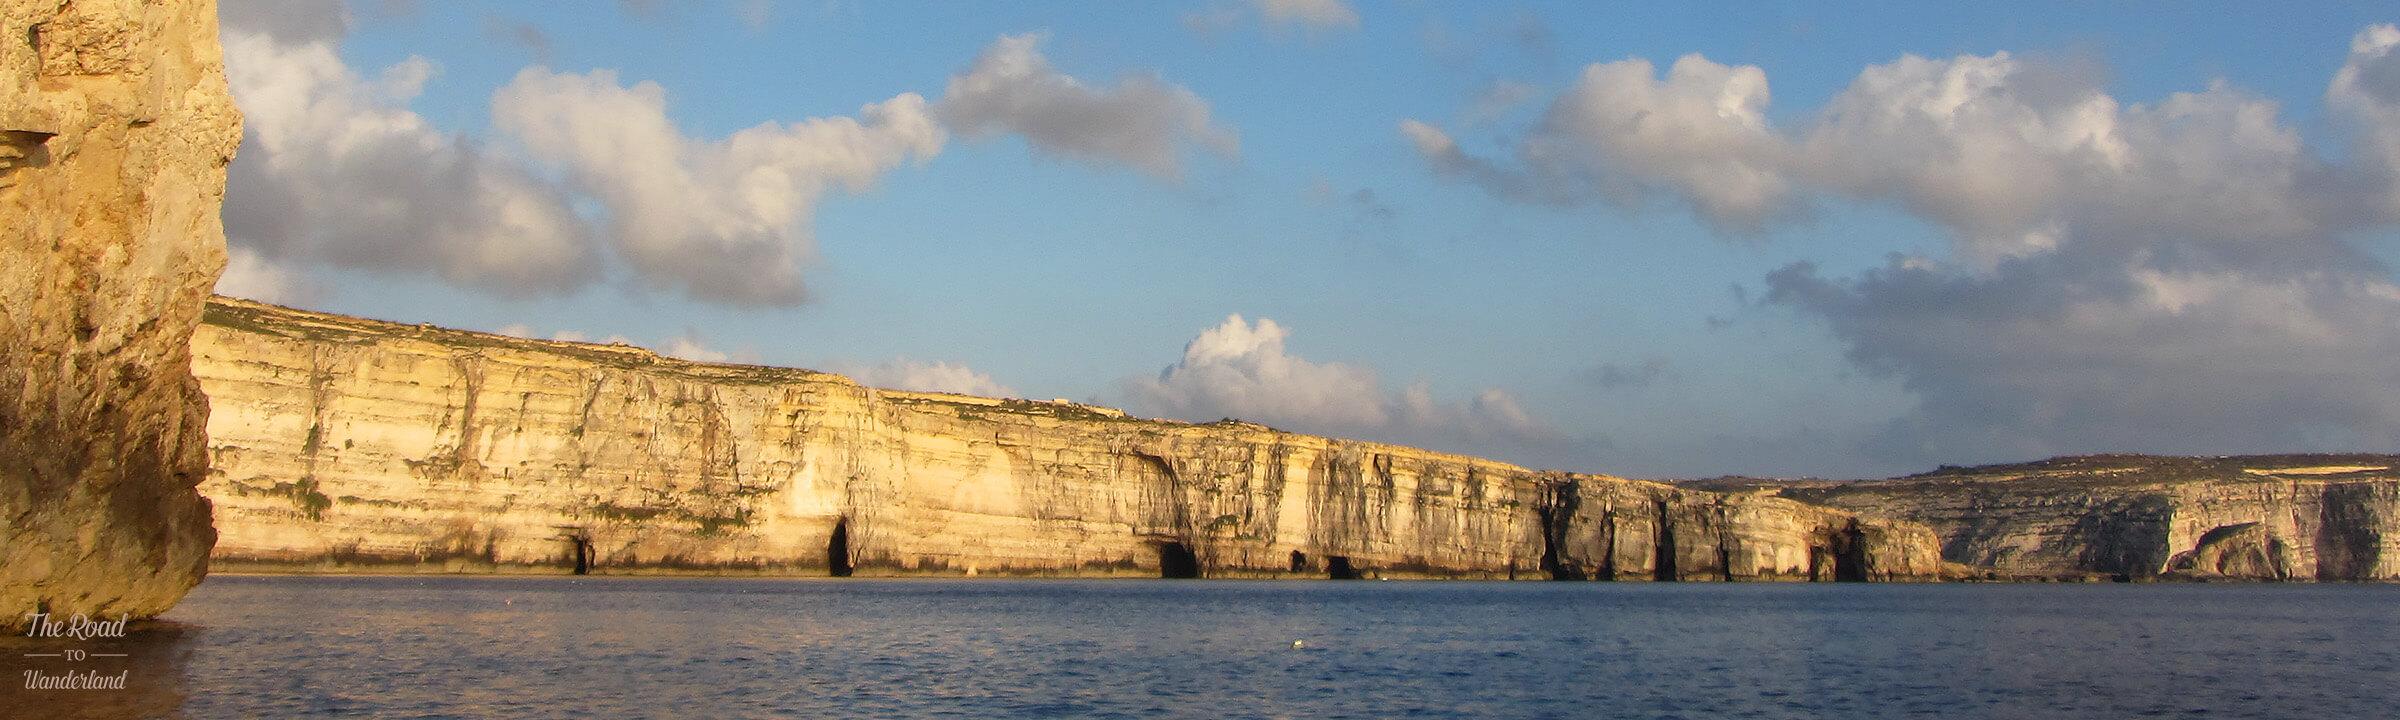 Dwejra Cliffs Sunset Cruise